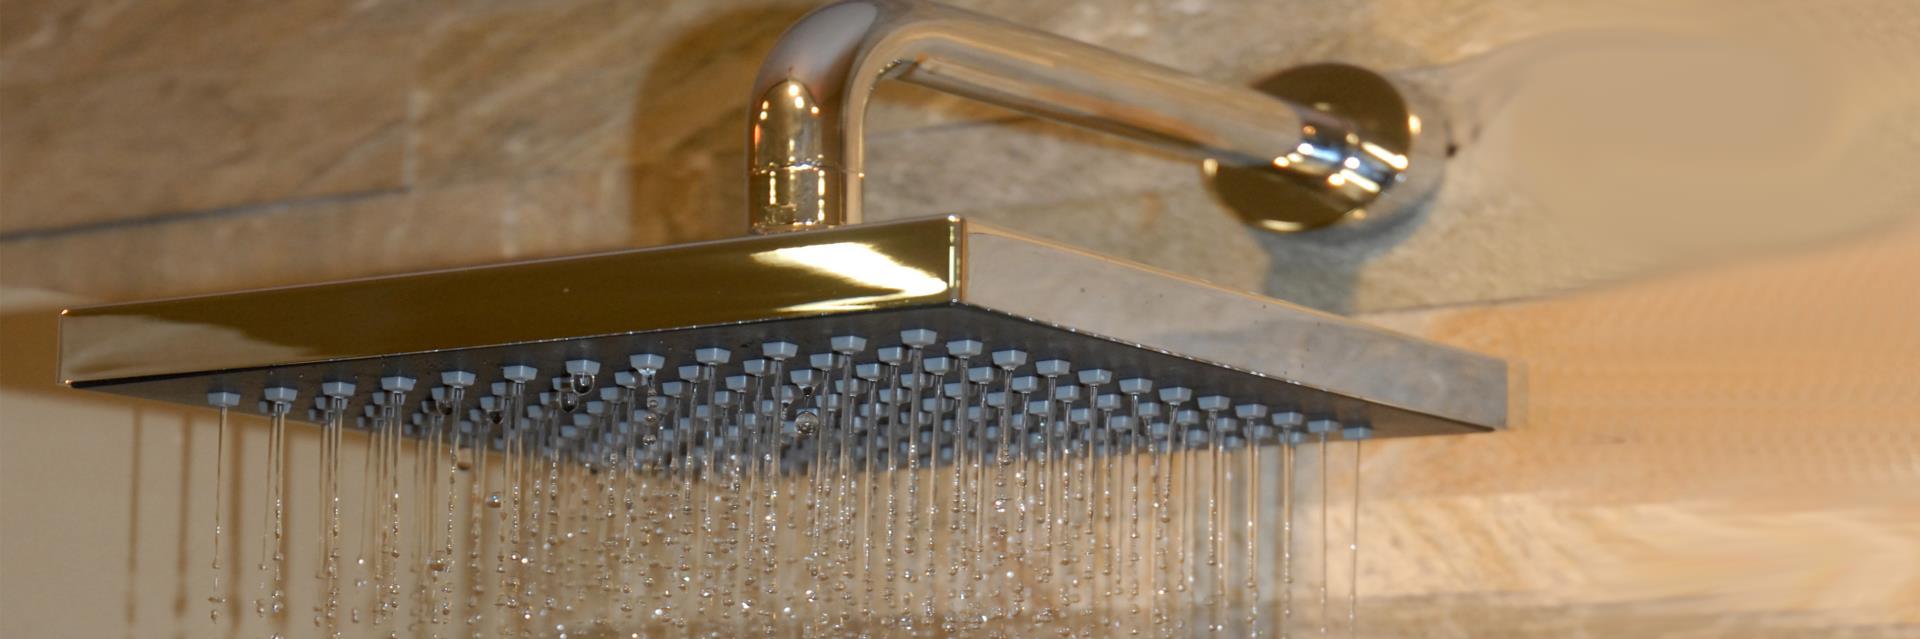 cipolla doccia